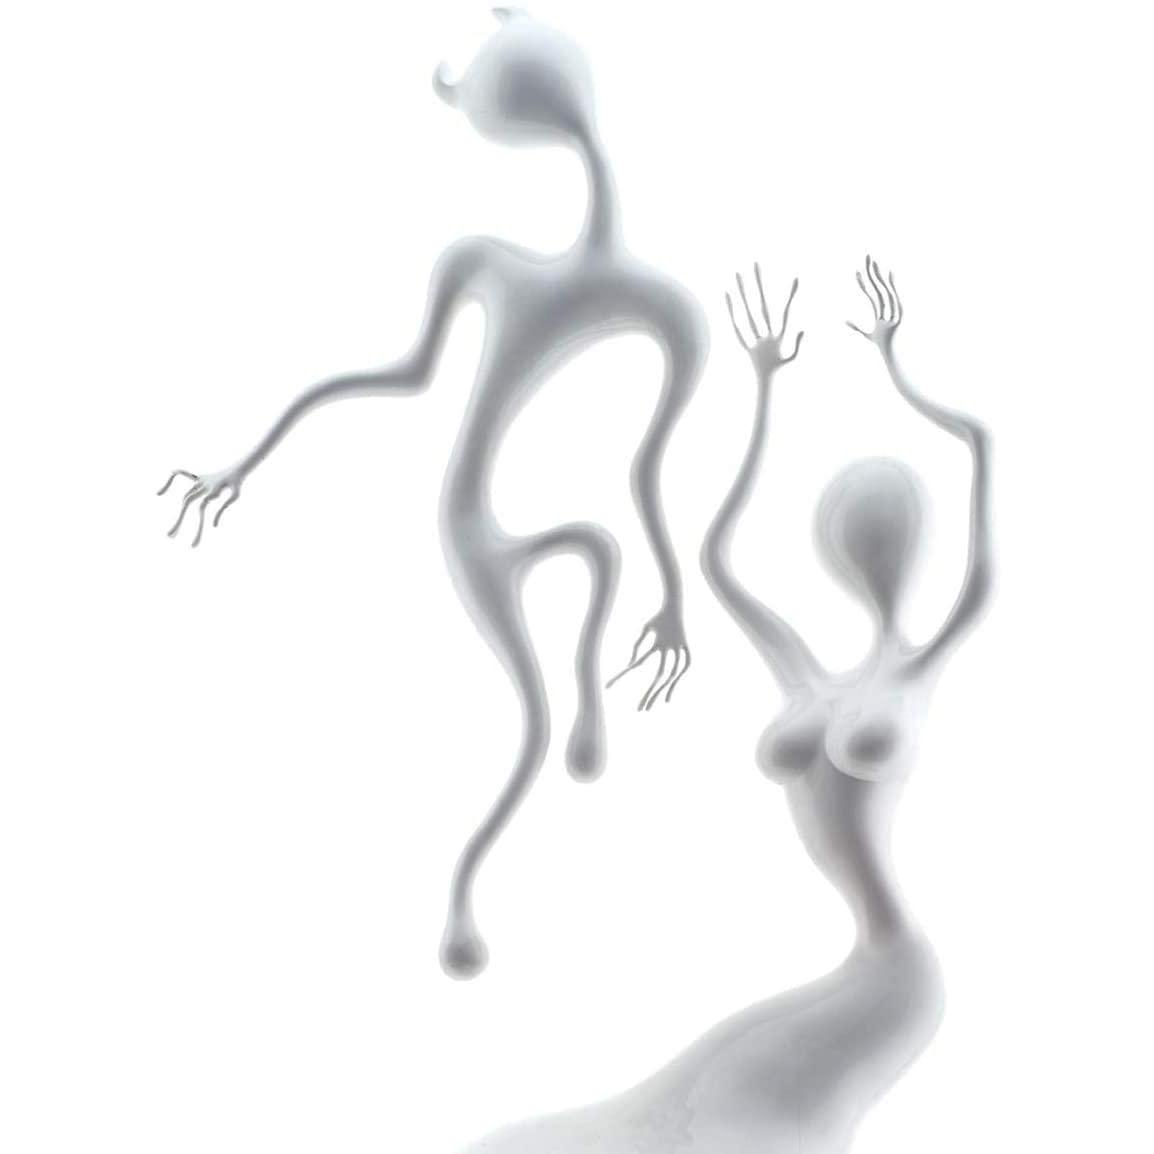 Copertina Vinile 33 giri  Lazer Guided Melodies di Spiritualized